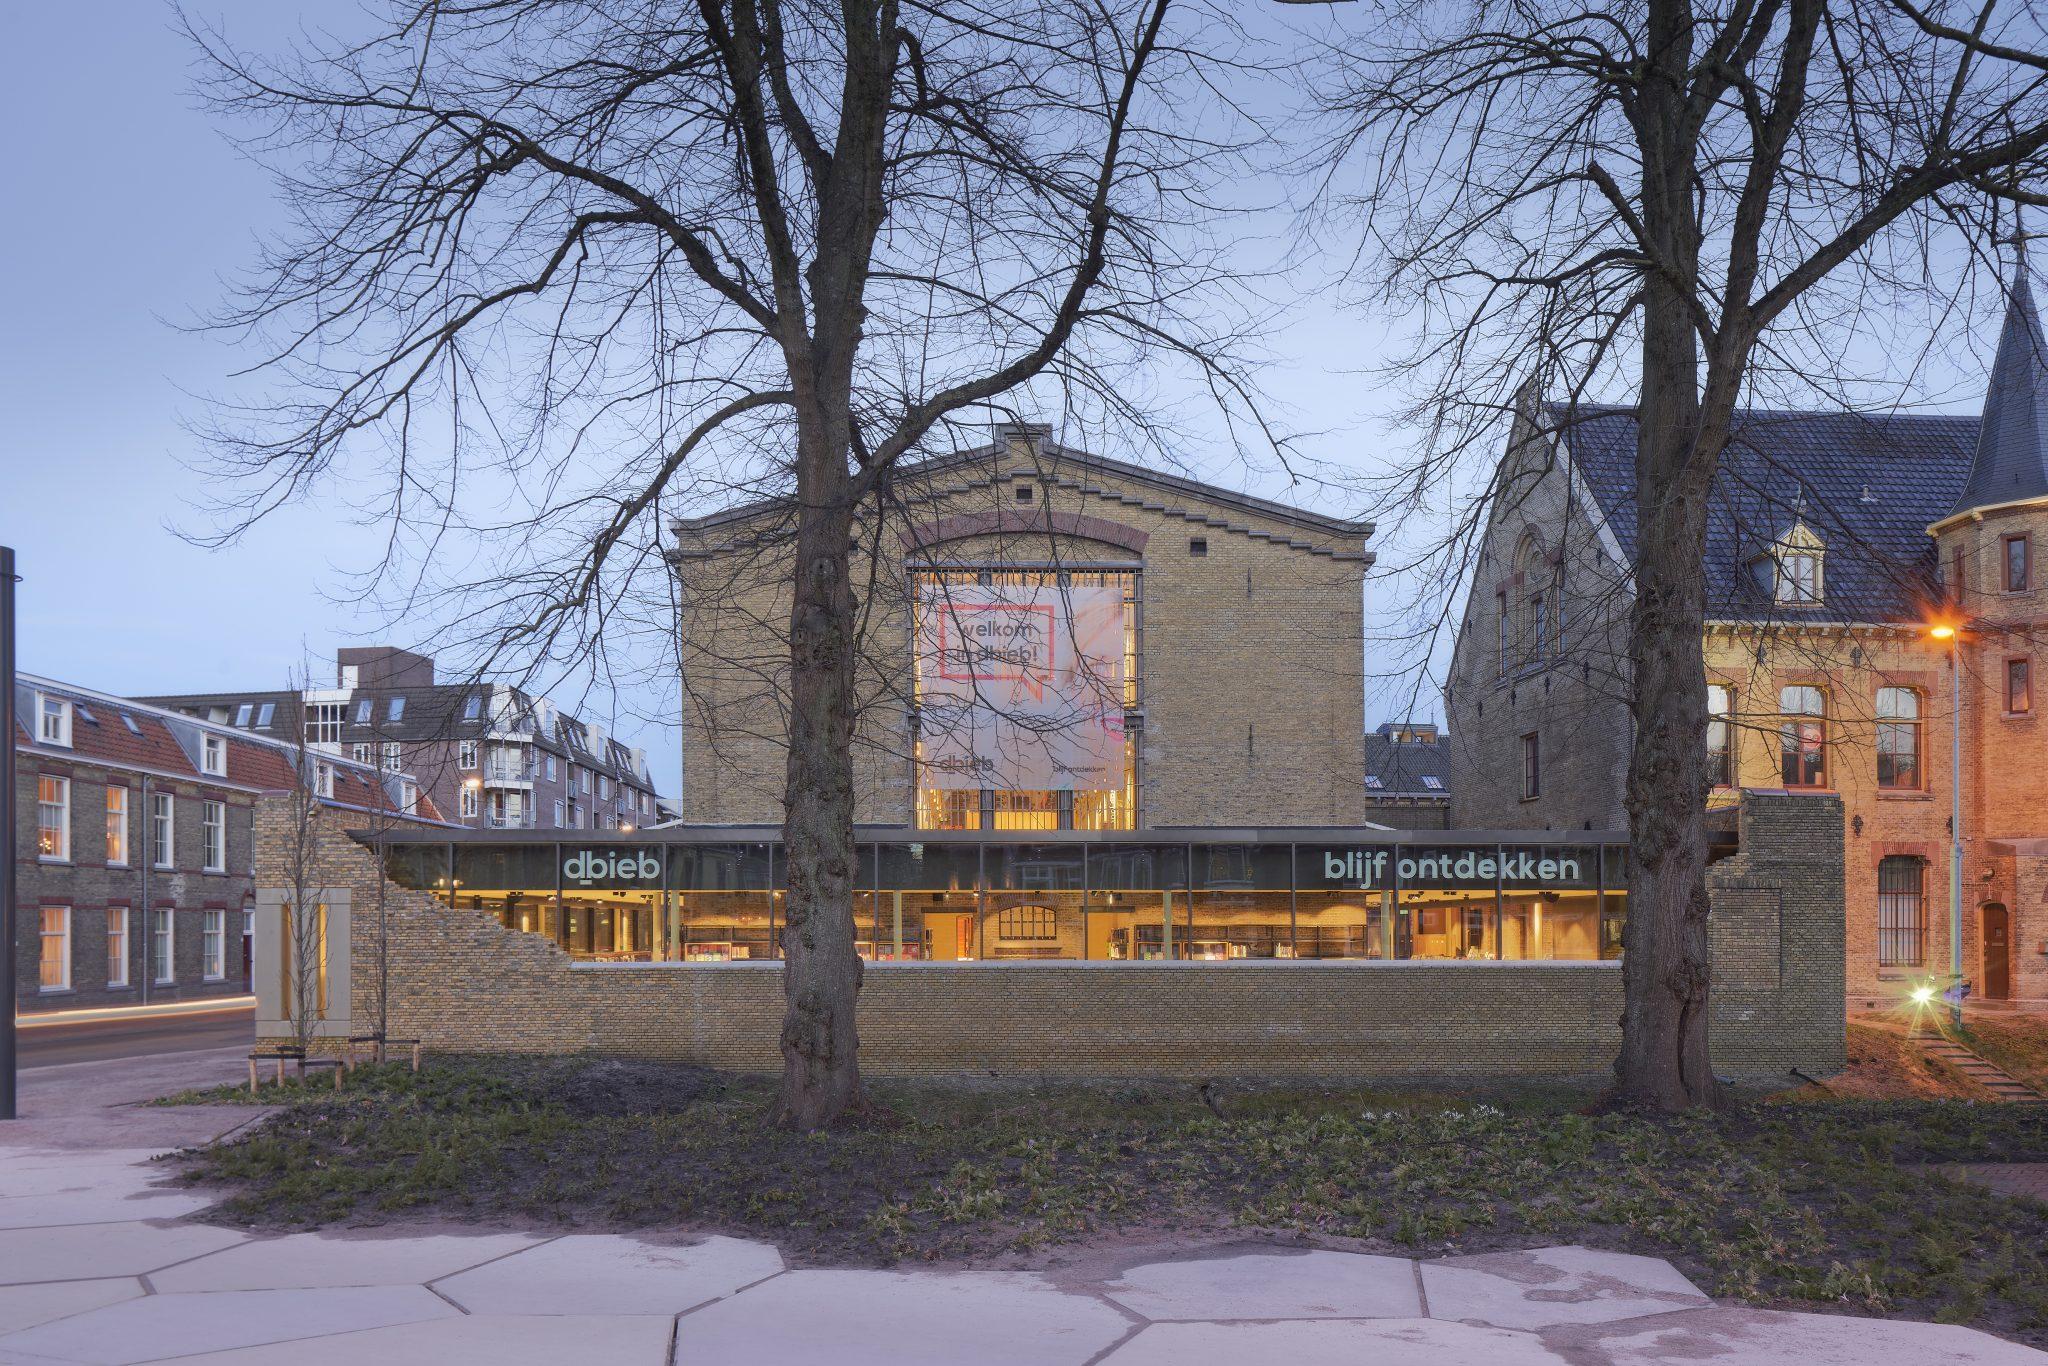 glazen uitbreiding Blokhuispoort